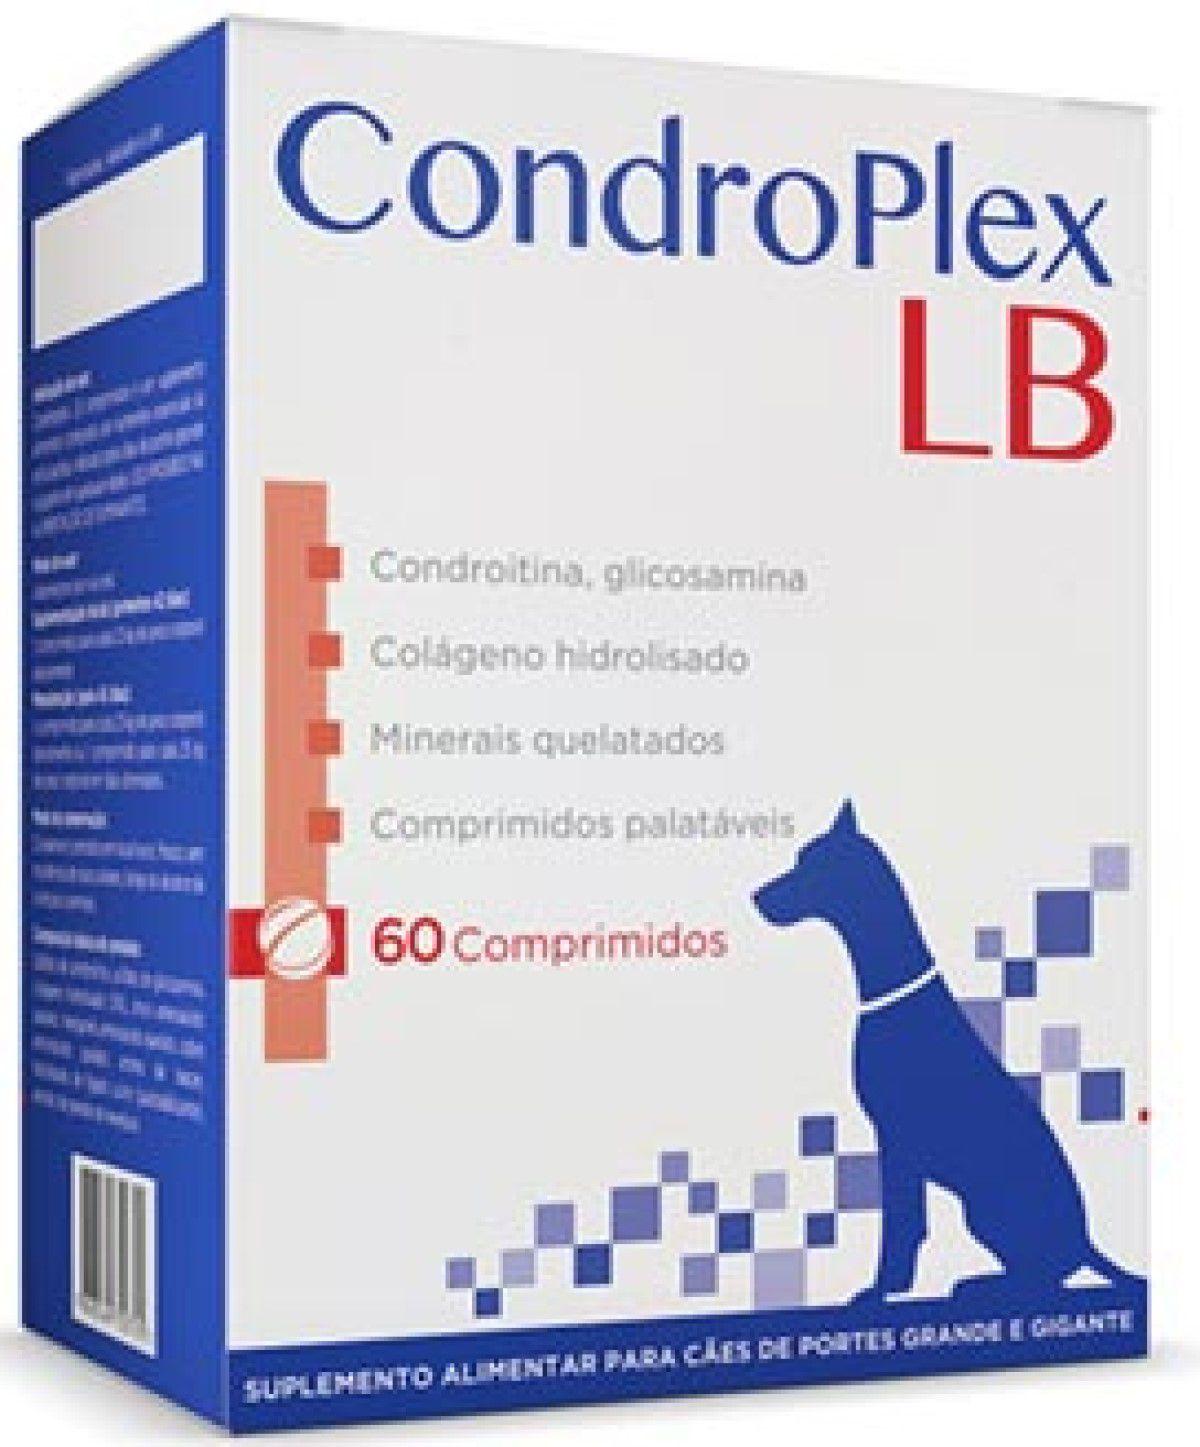 Condroplex LB 60 Comprimidos Cães Avert